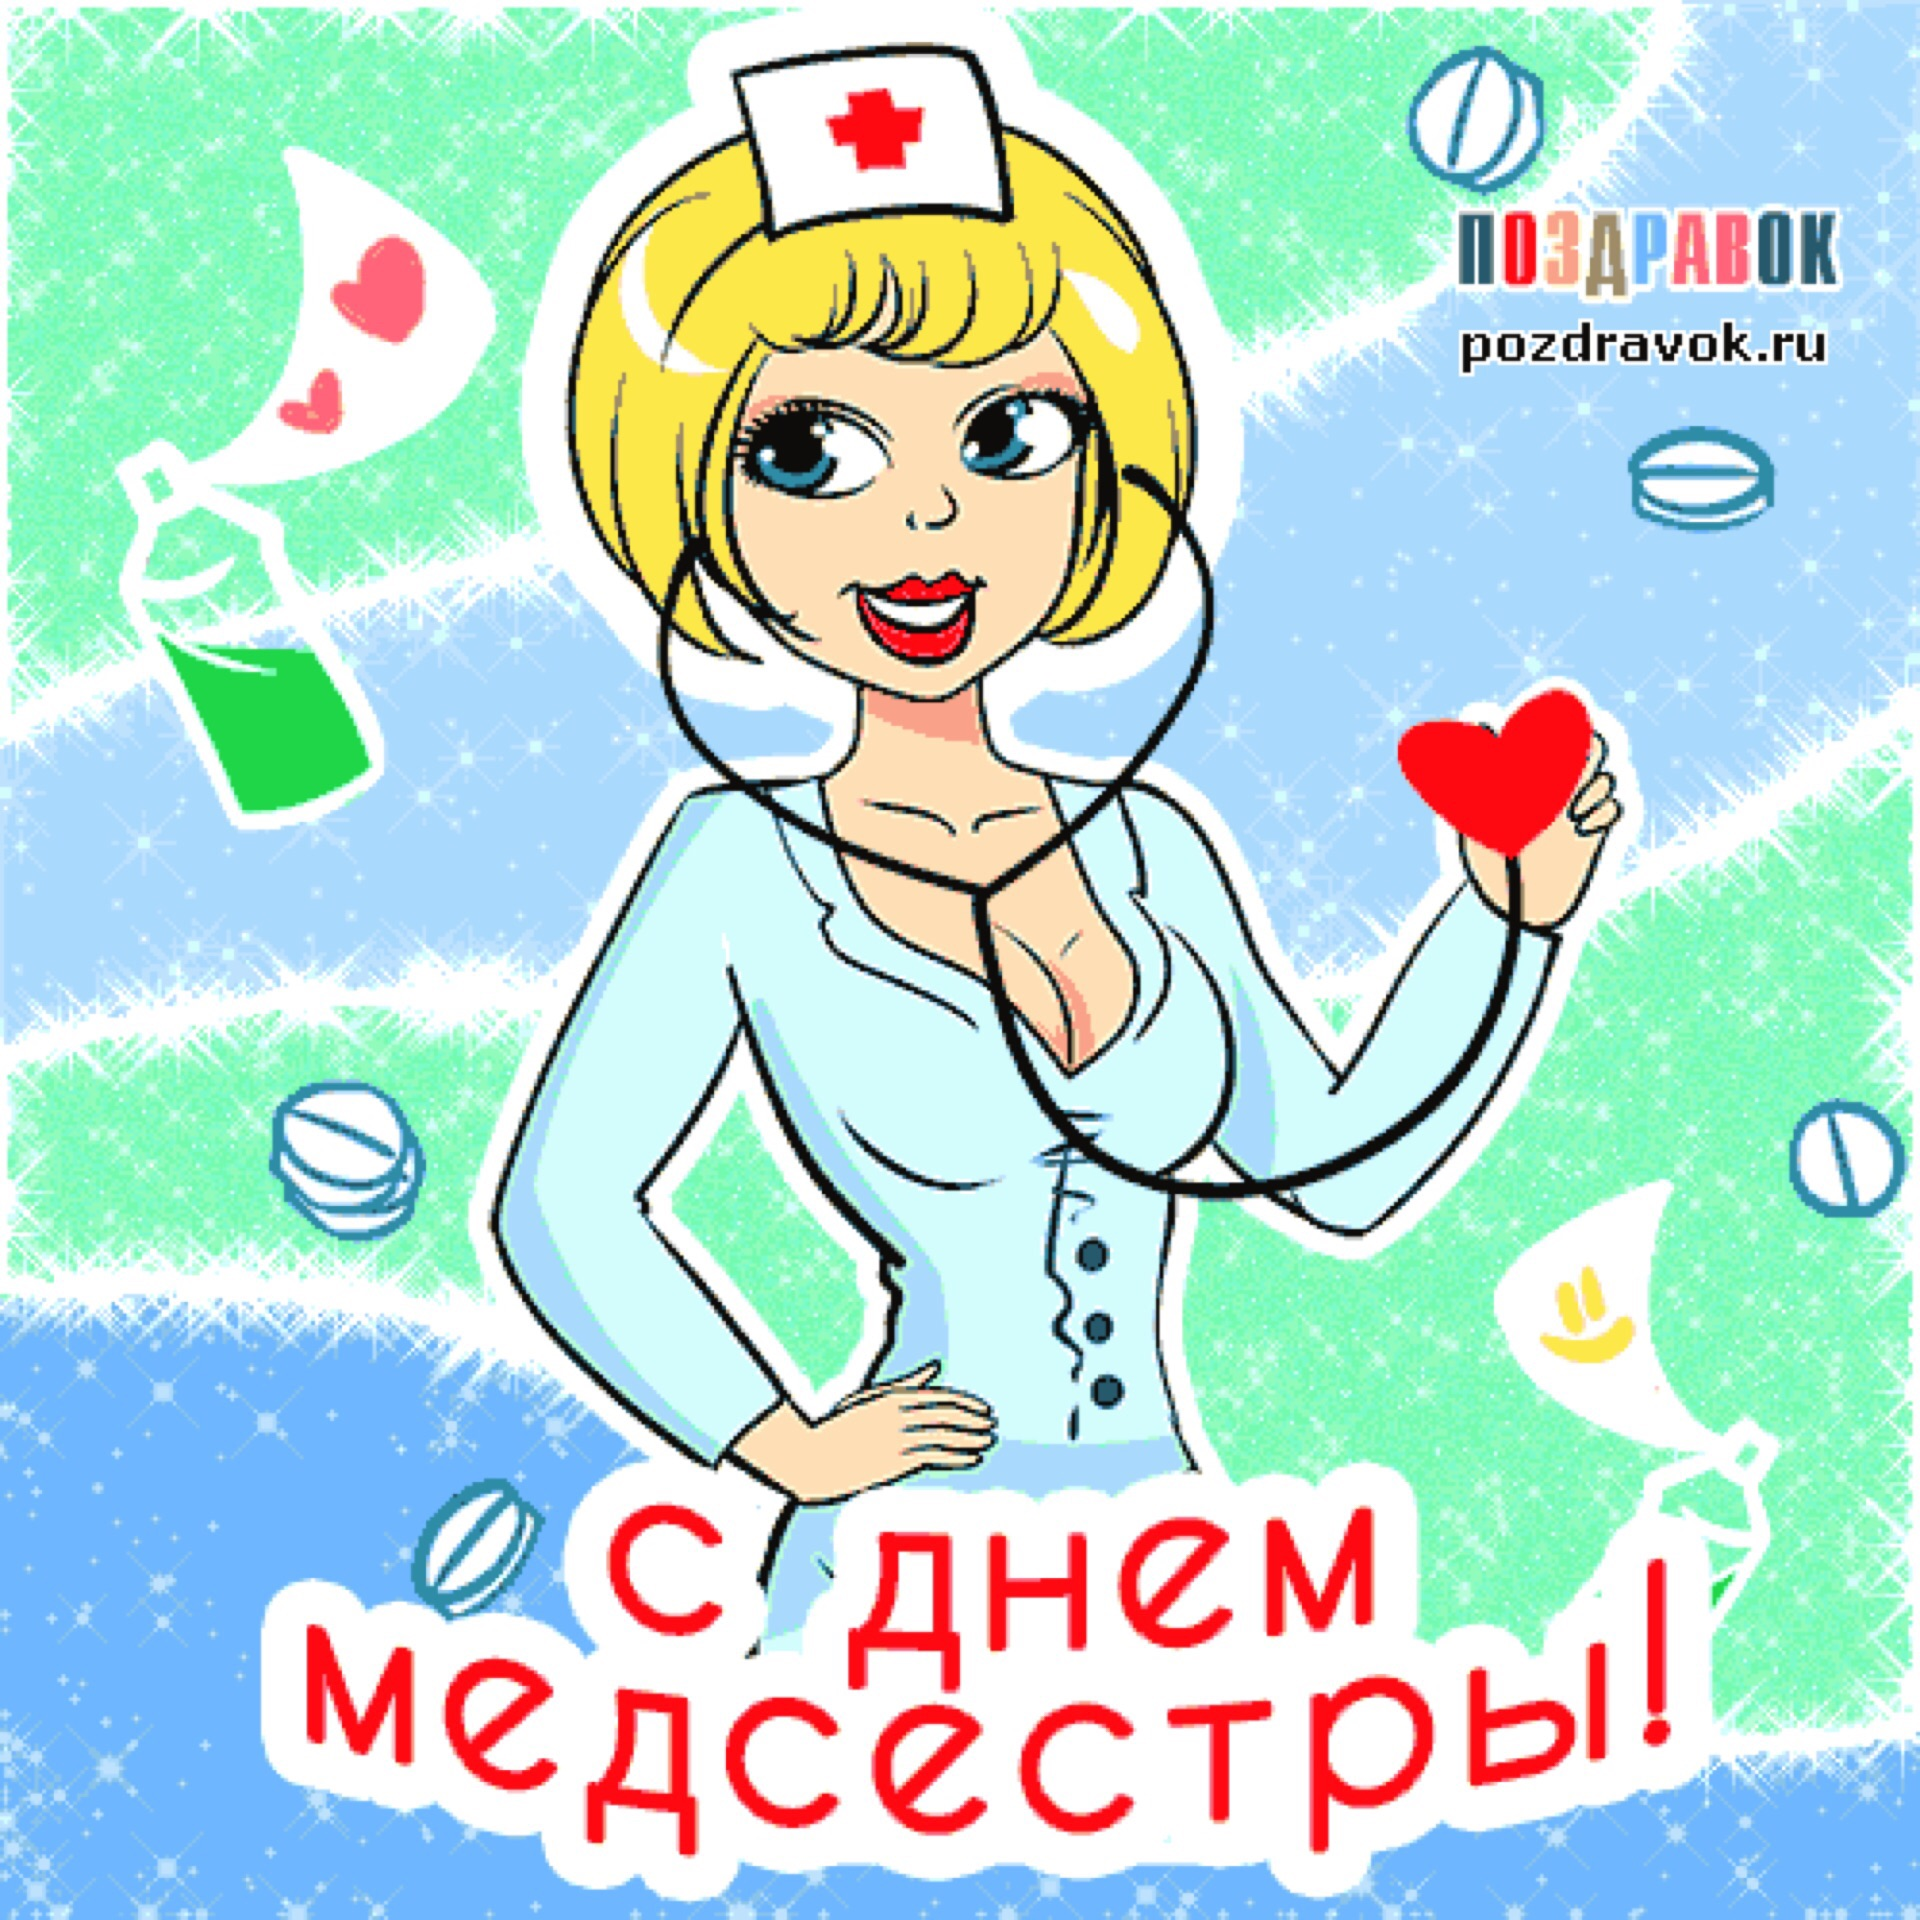 Смешные картинки с днем медицинской сестры